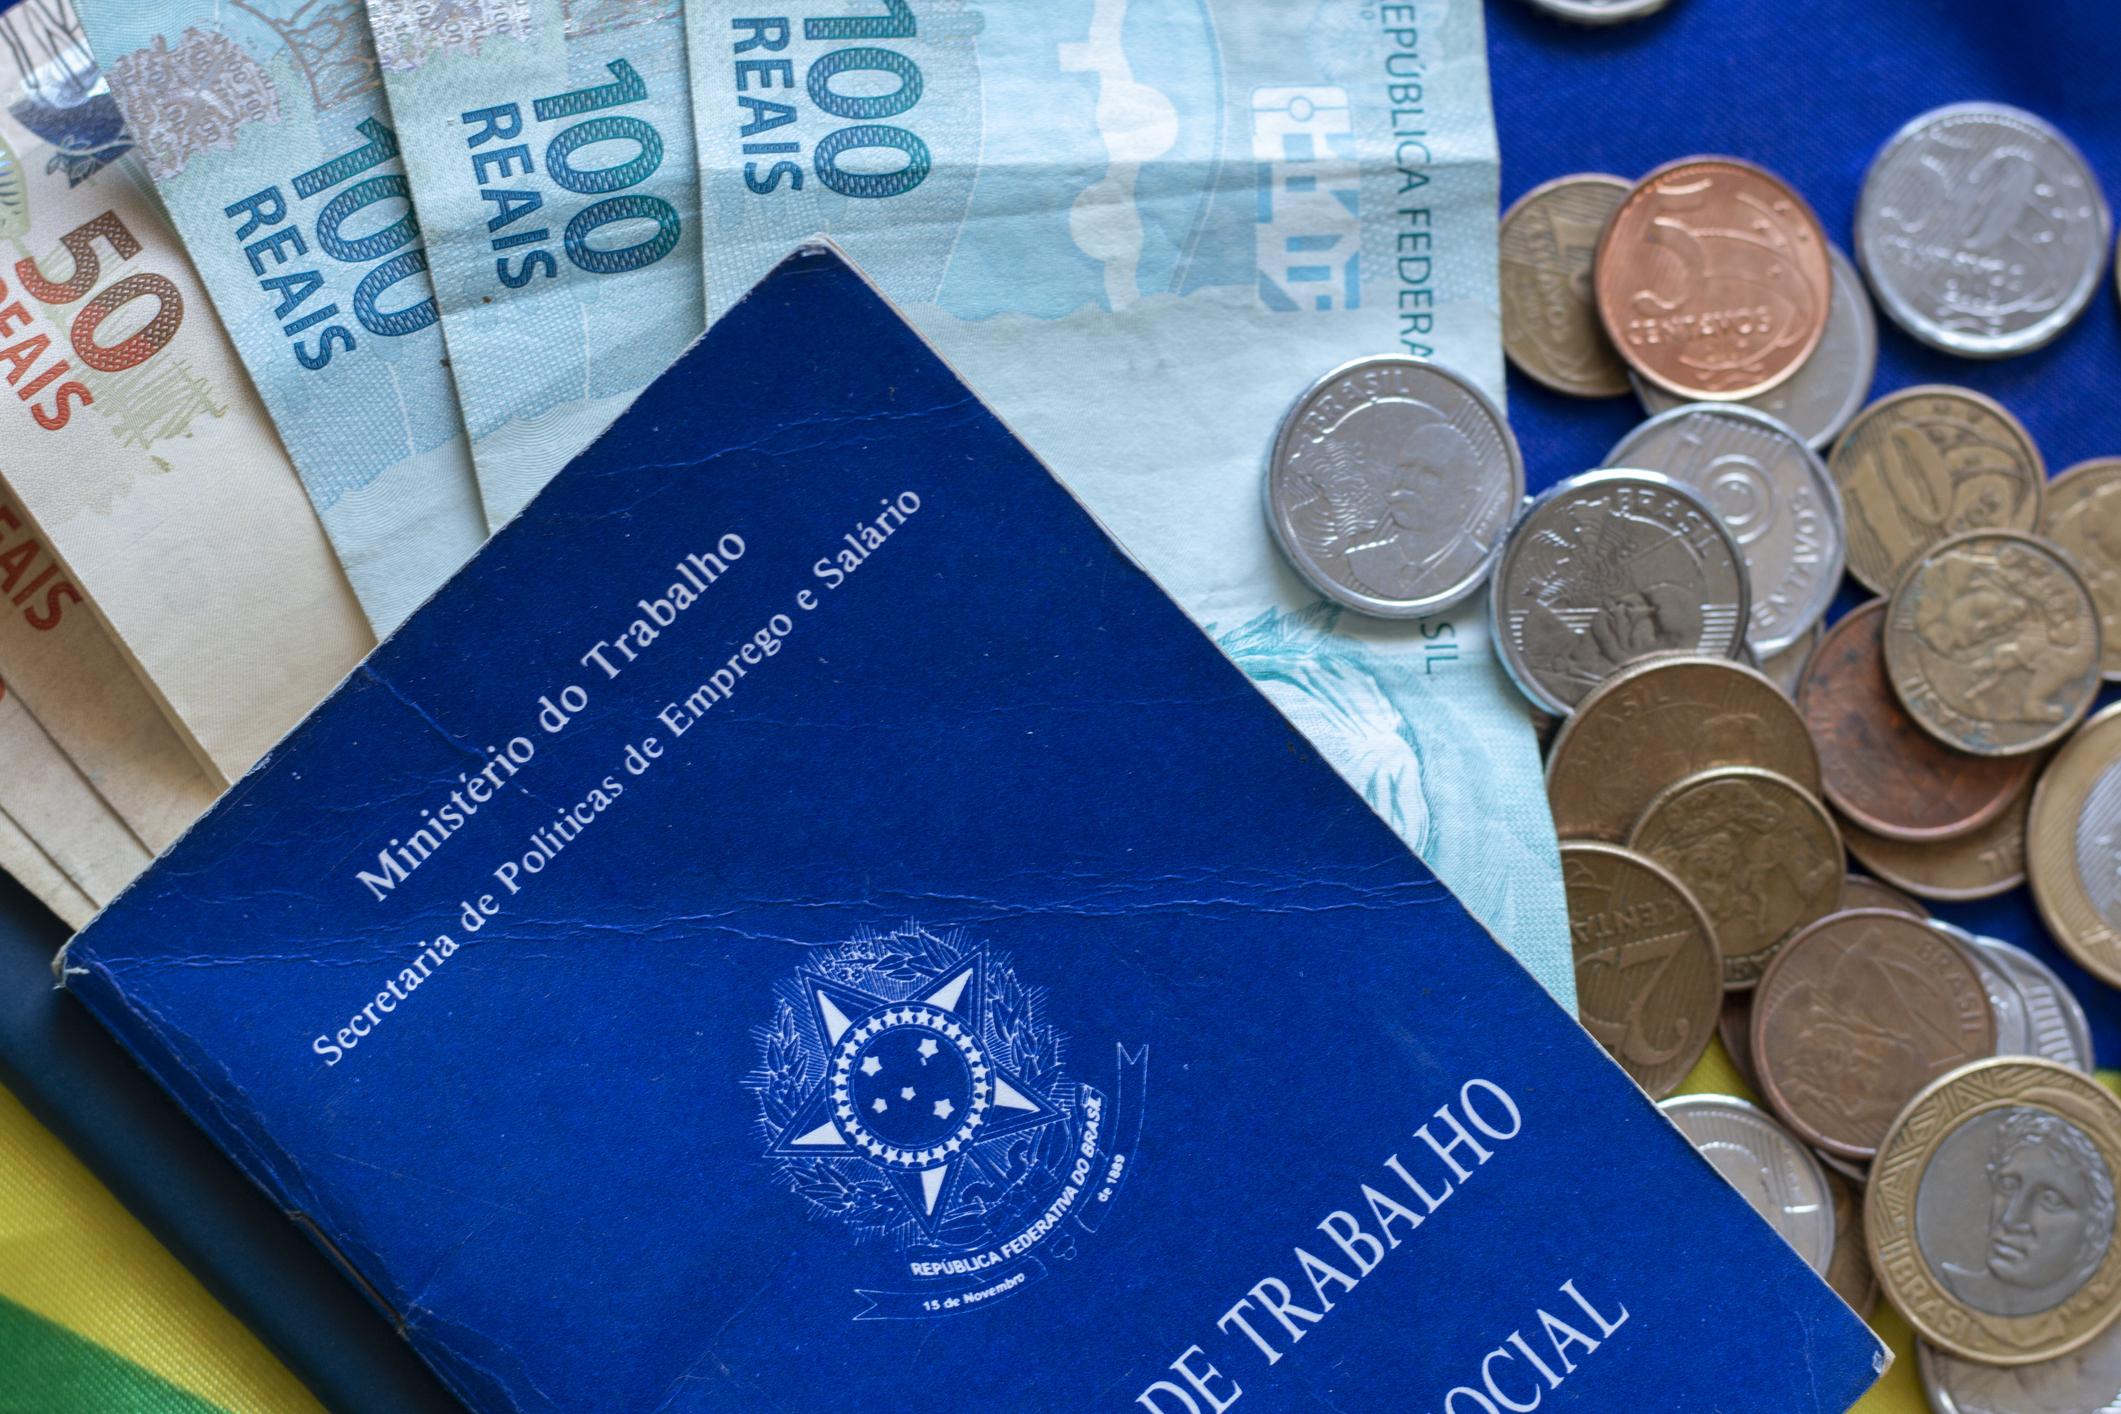 Carteira de trabalho, notas e moedas